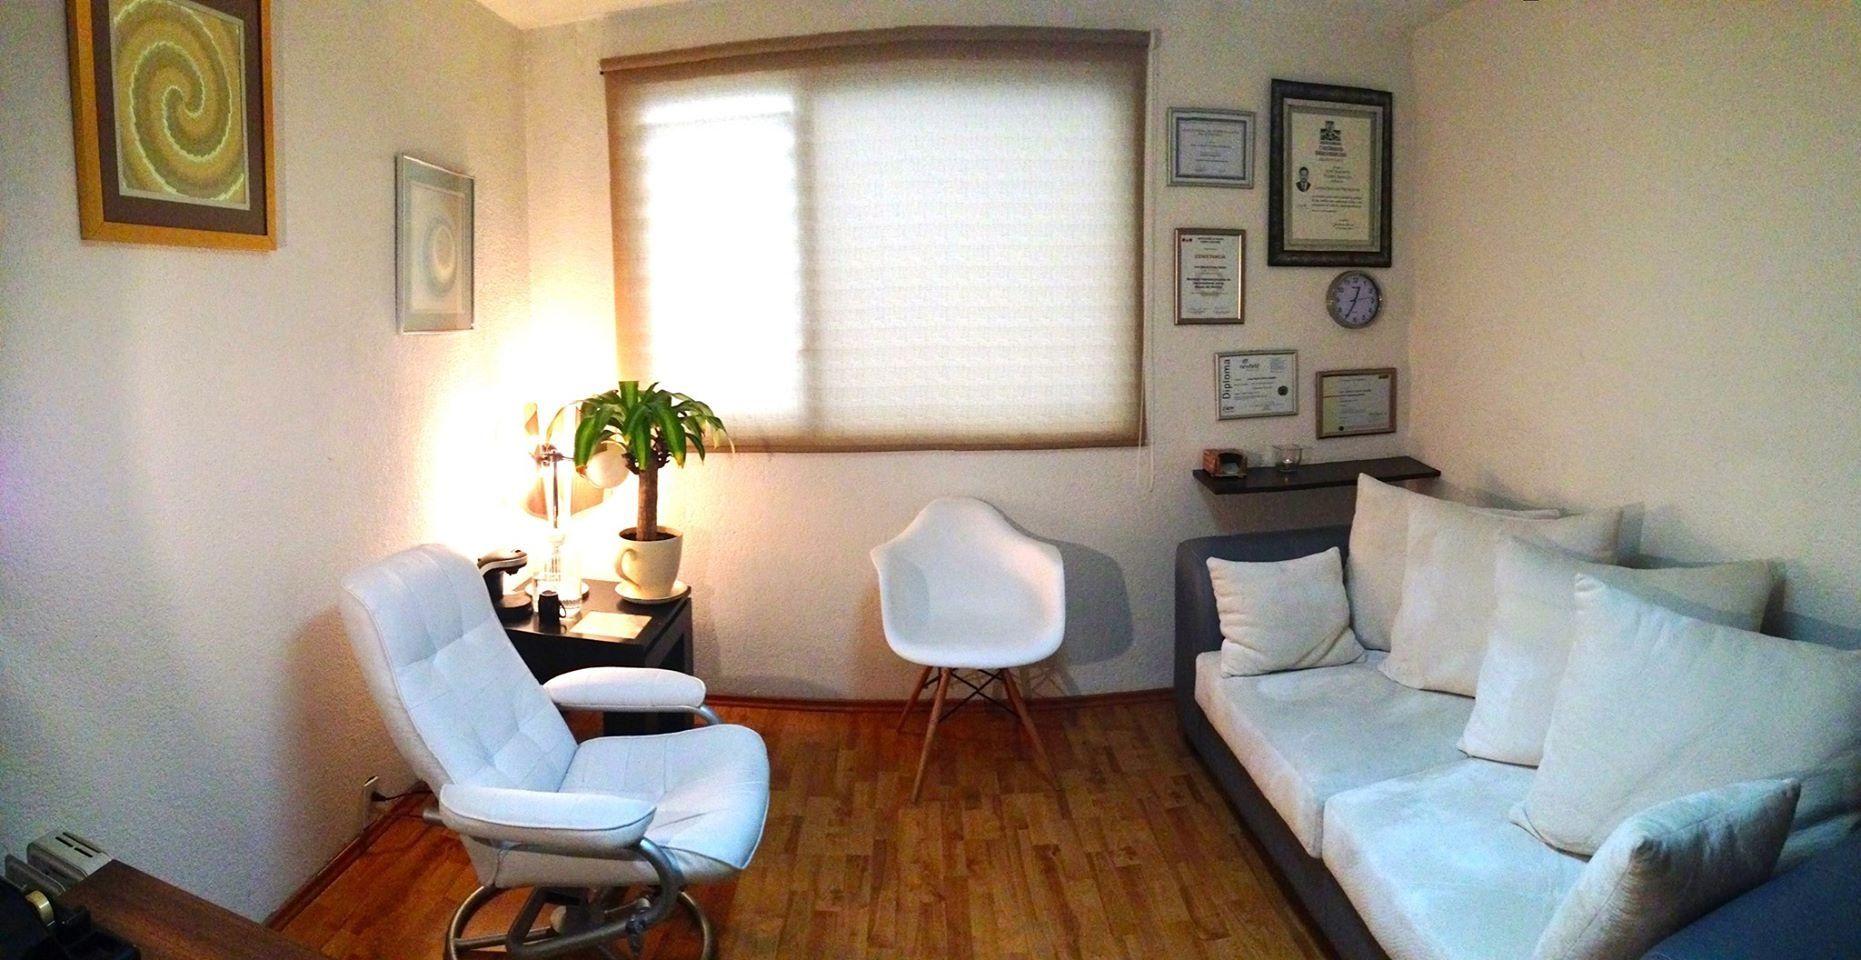 Mi Consultorio Psicol Gico Psicolog A Y Coaching Pinterest  # Muebles Para Consultorio Nutricional